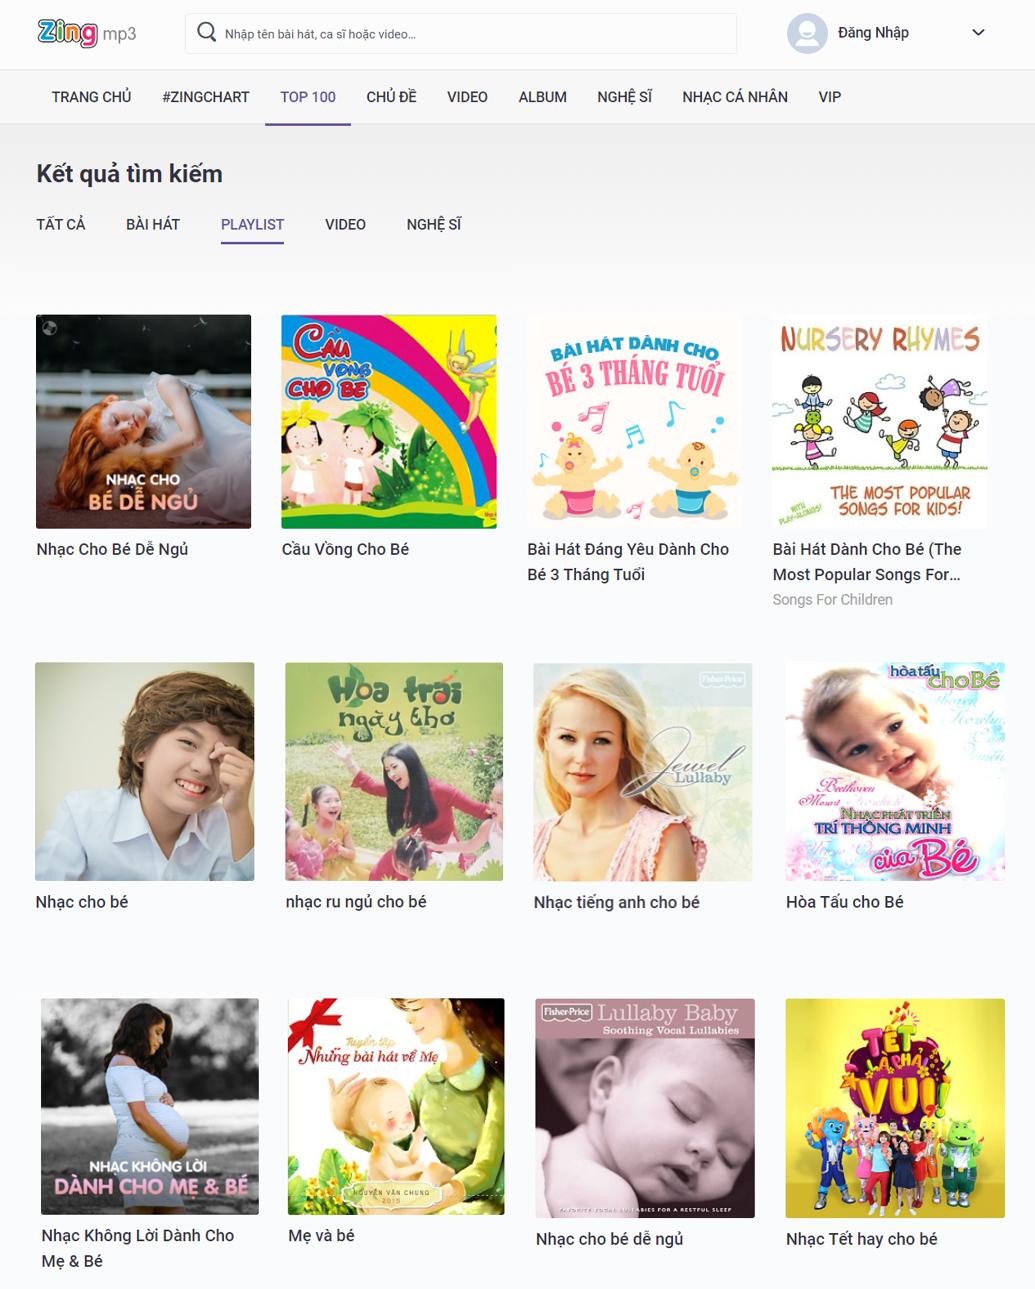 Rất nhiều playlist dành riêng cho mẹ & bé, thư giãn kết hợp thai giáo hiệu quả